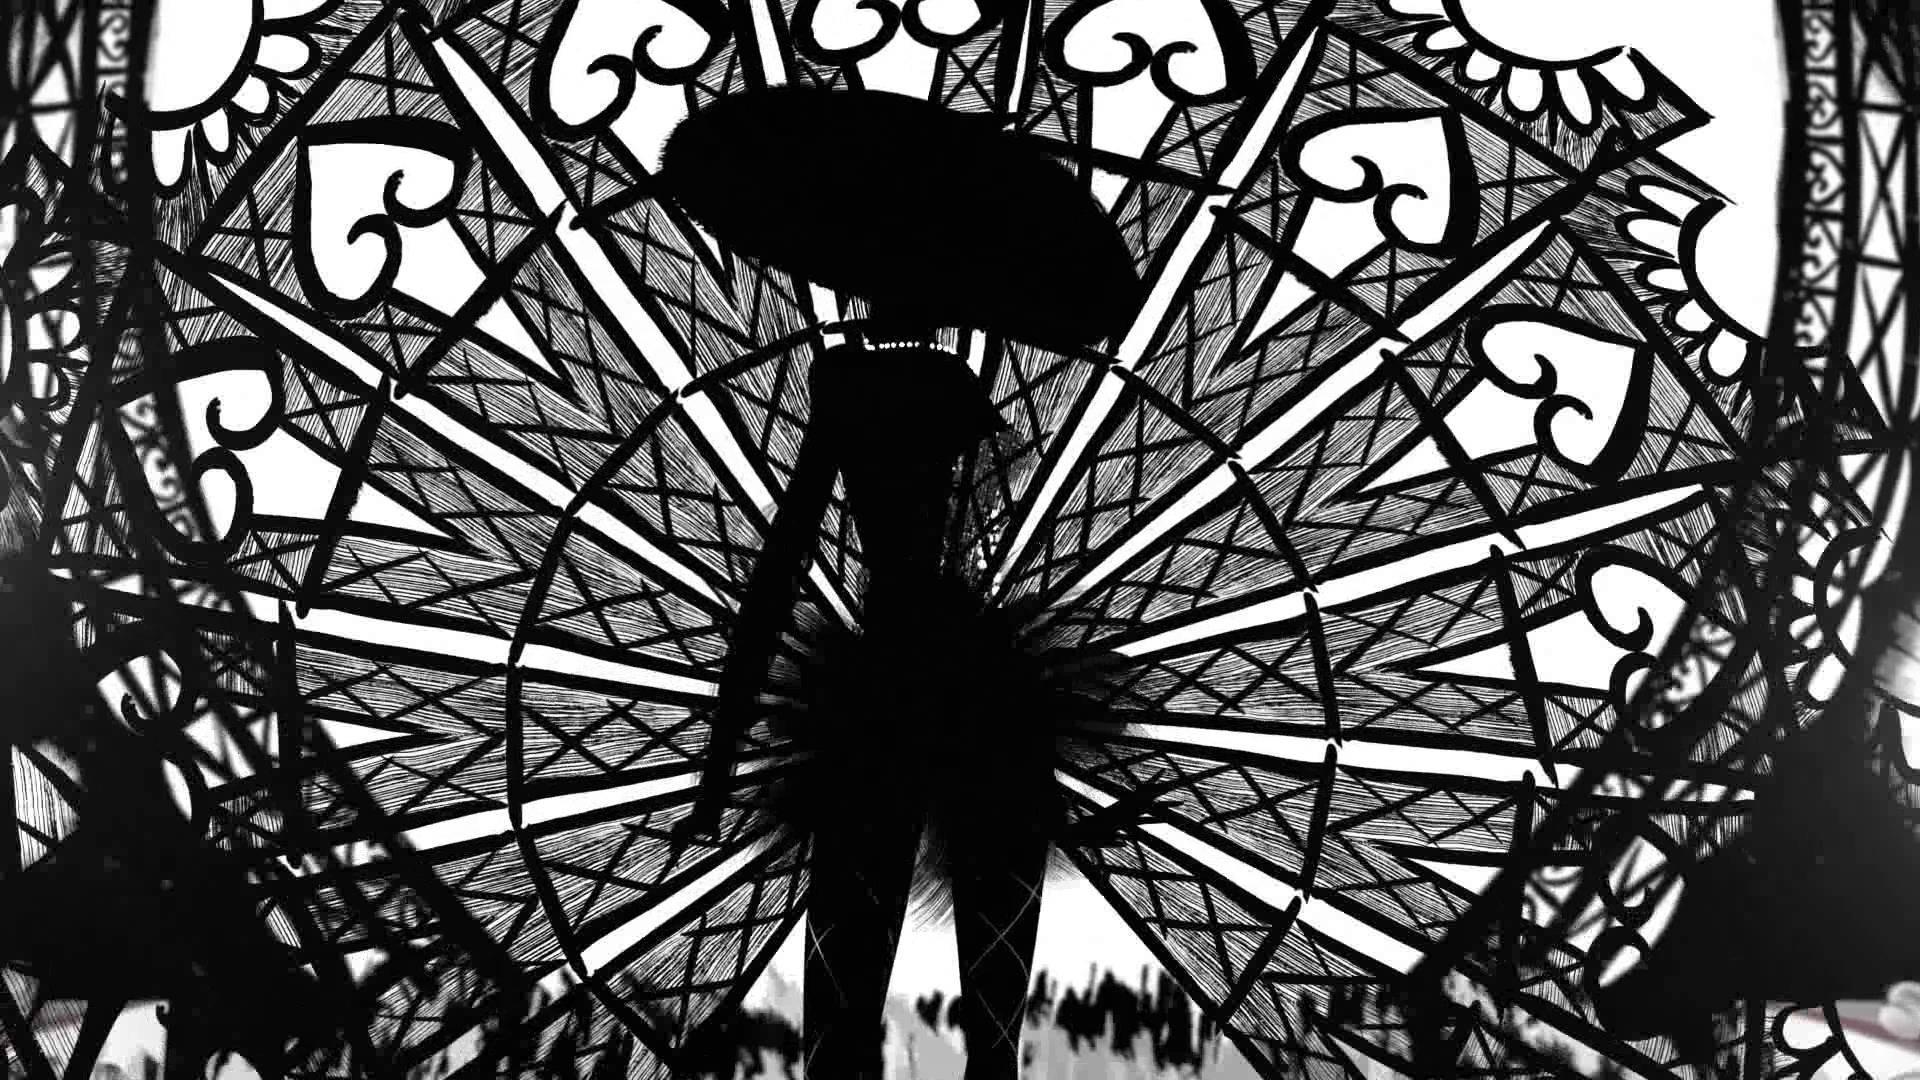 Guerlain la petite robe noire couture 50ml eau de parfum - Guerlain petite robe noire ...